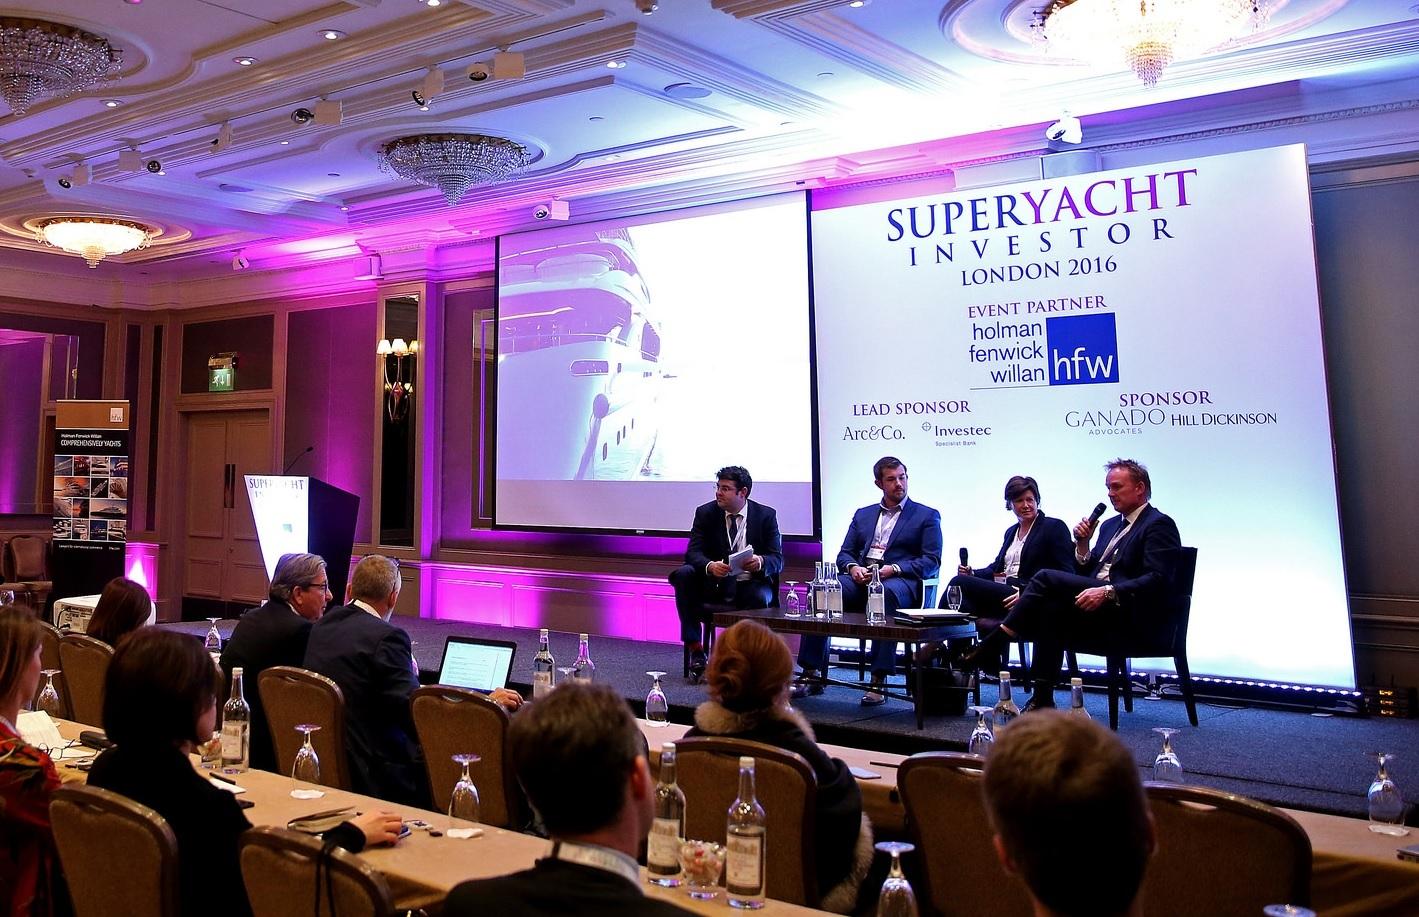 Superyacht-Investor.jpg